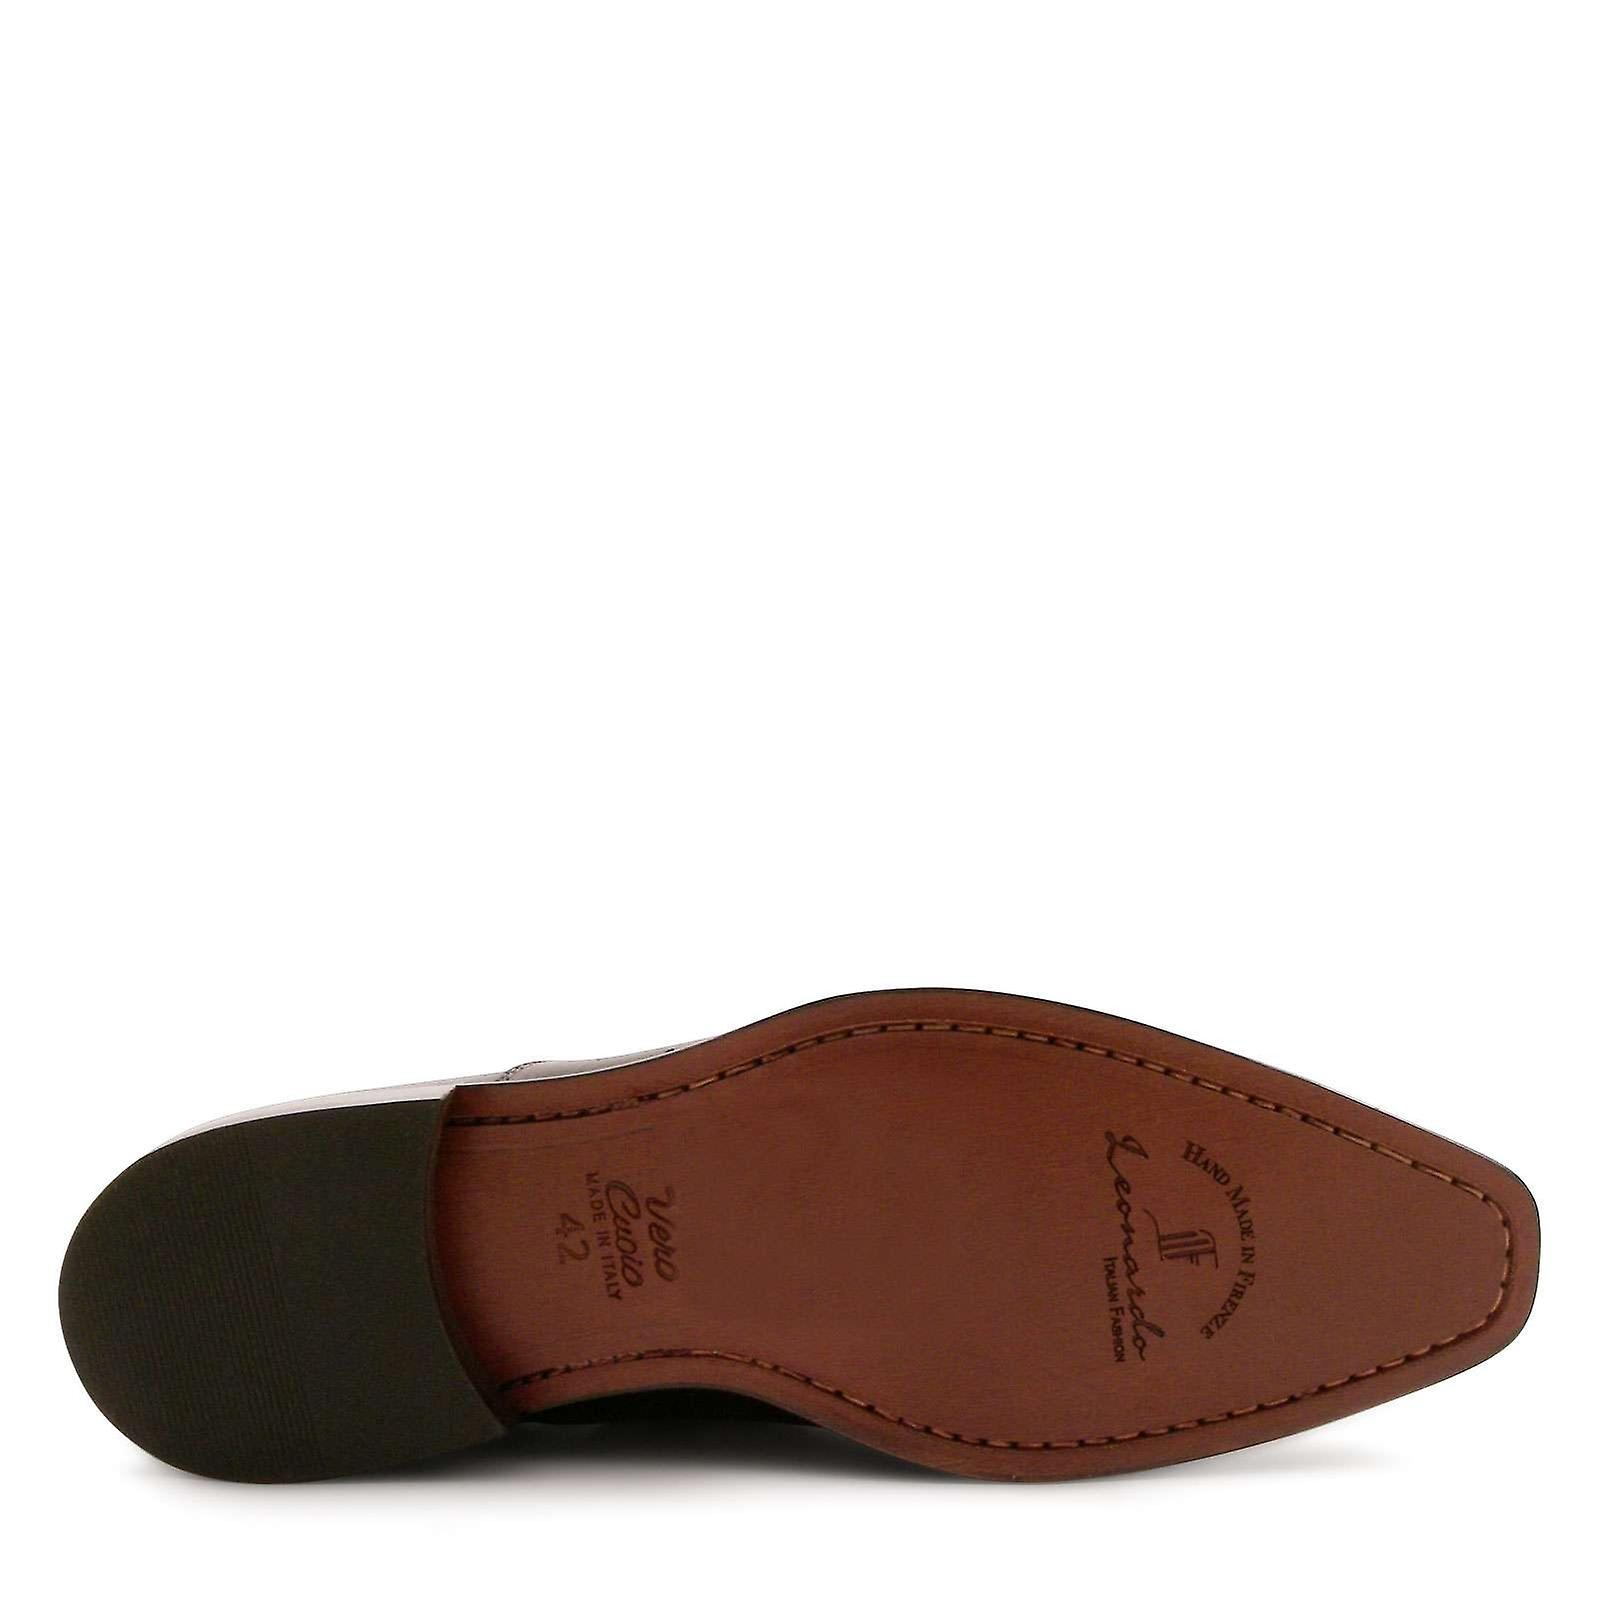 Italiano Abito scarpe in pelle nera fatta a mano mmYLtd